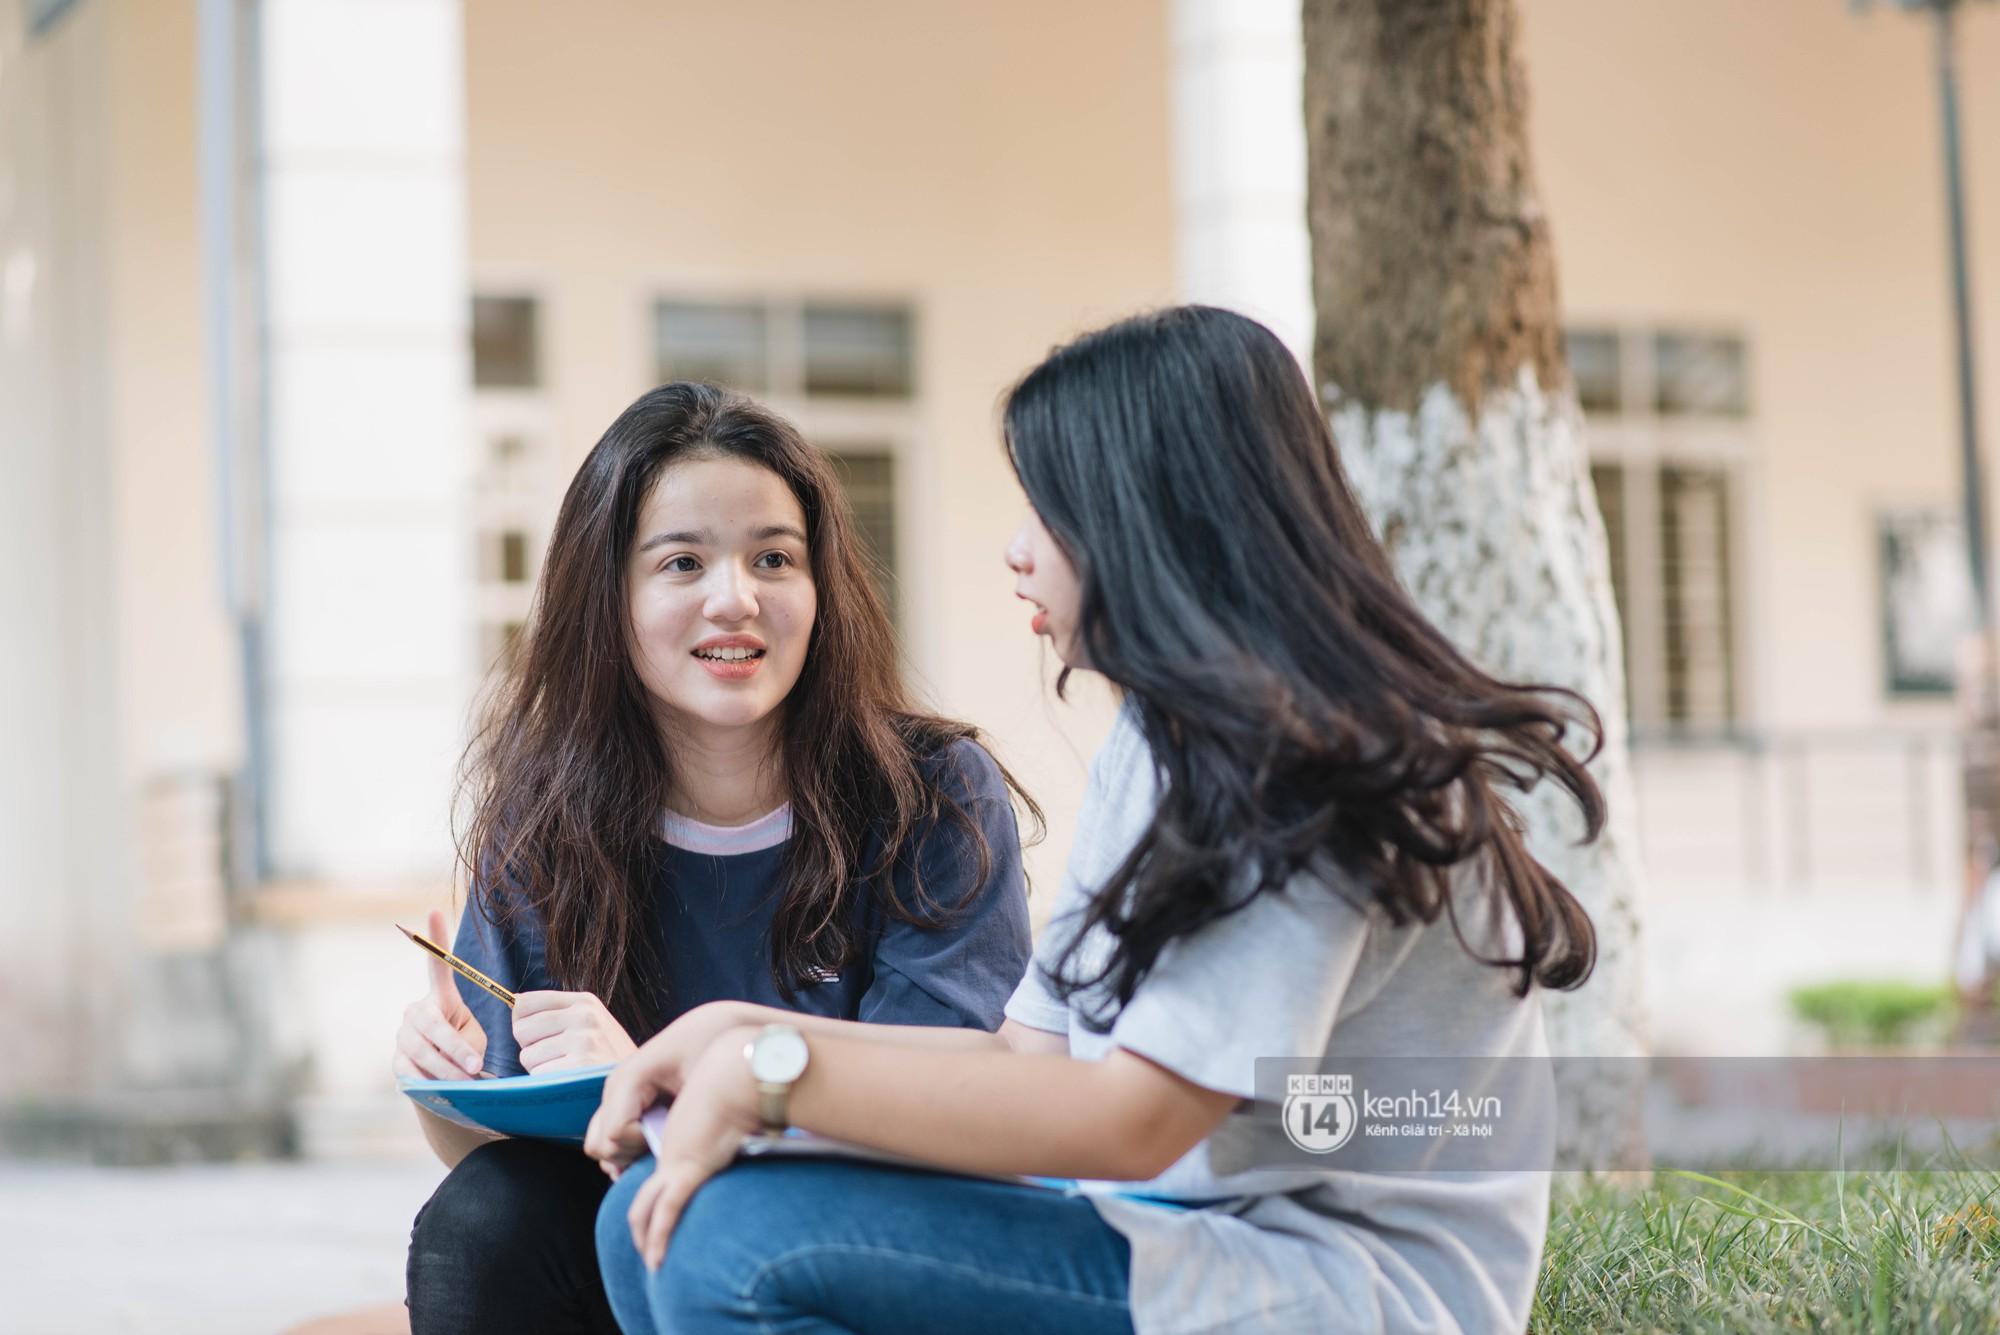 """Cận cảnh nhan sắc """"cực phẩm"""" của nữ sinh Việt lai Nga gây sốt tại cổng trường Học viện Báo chí –Tuyên truyền - Ảnh 1"""